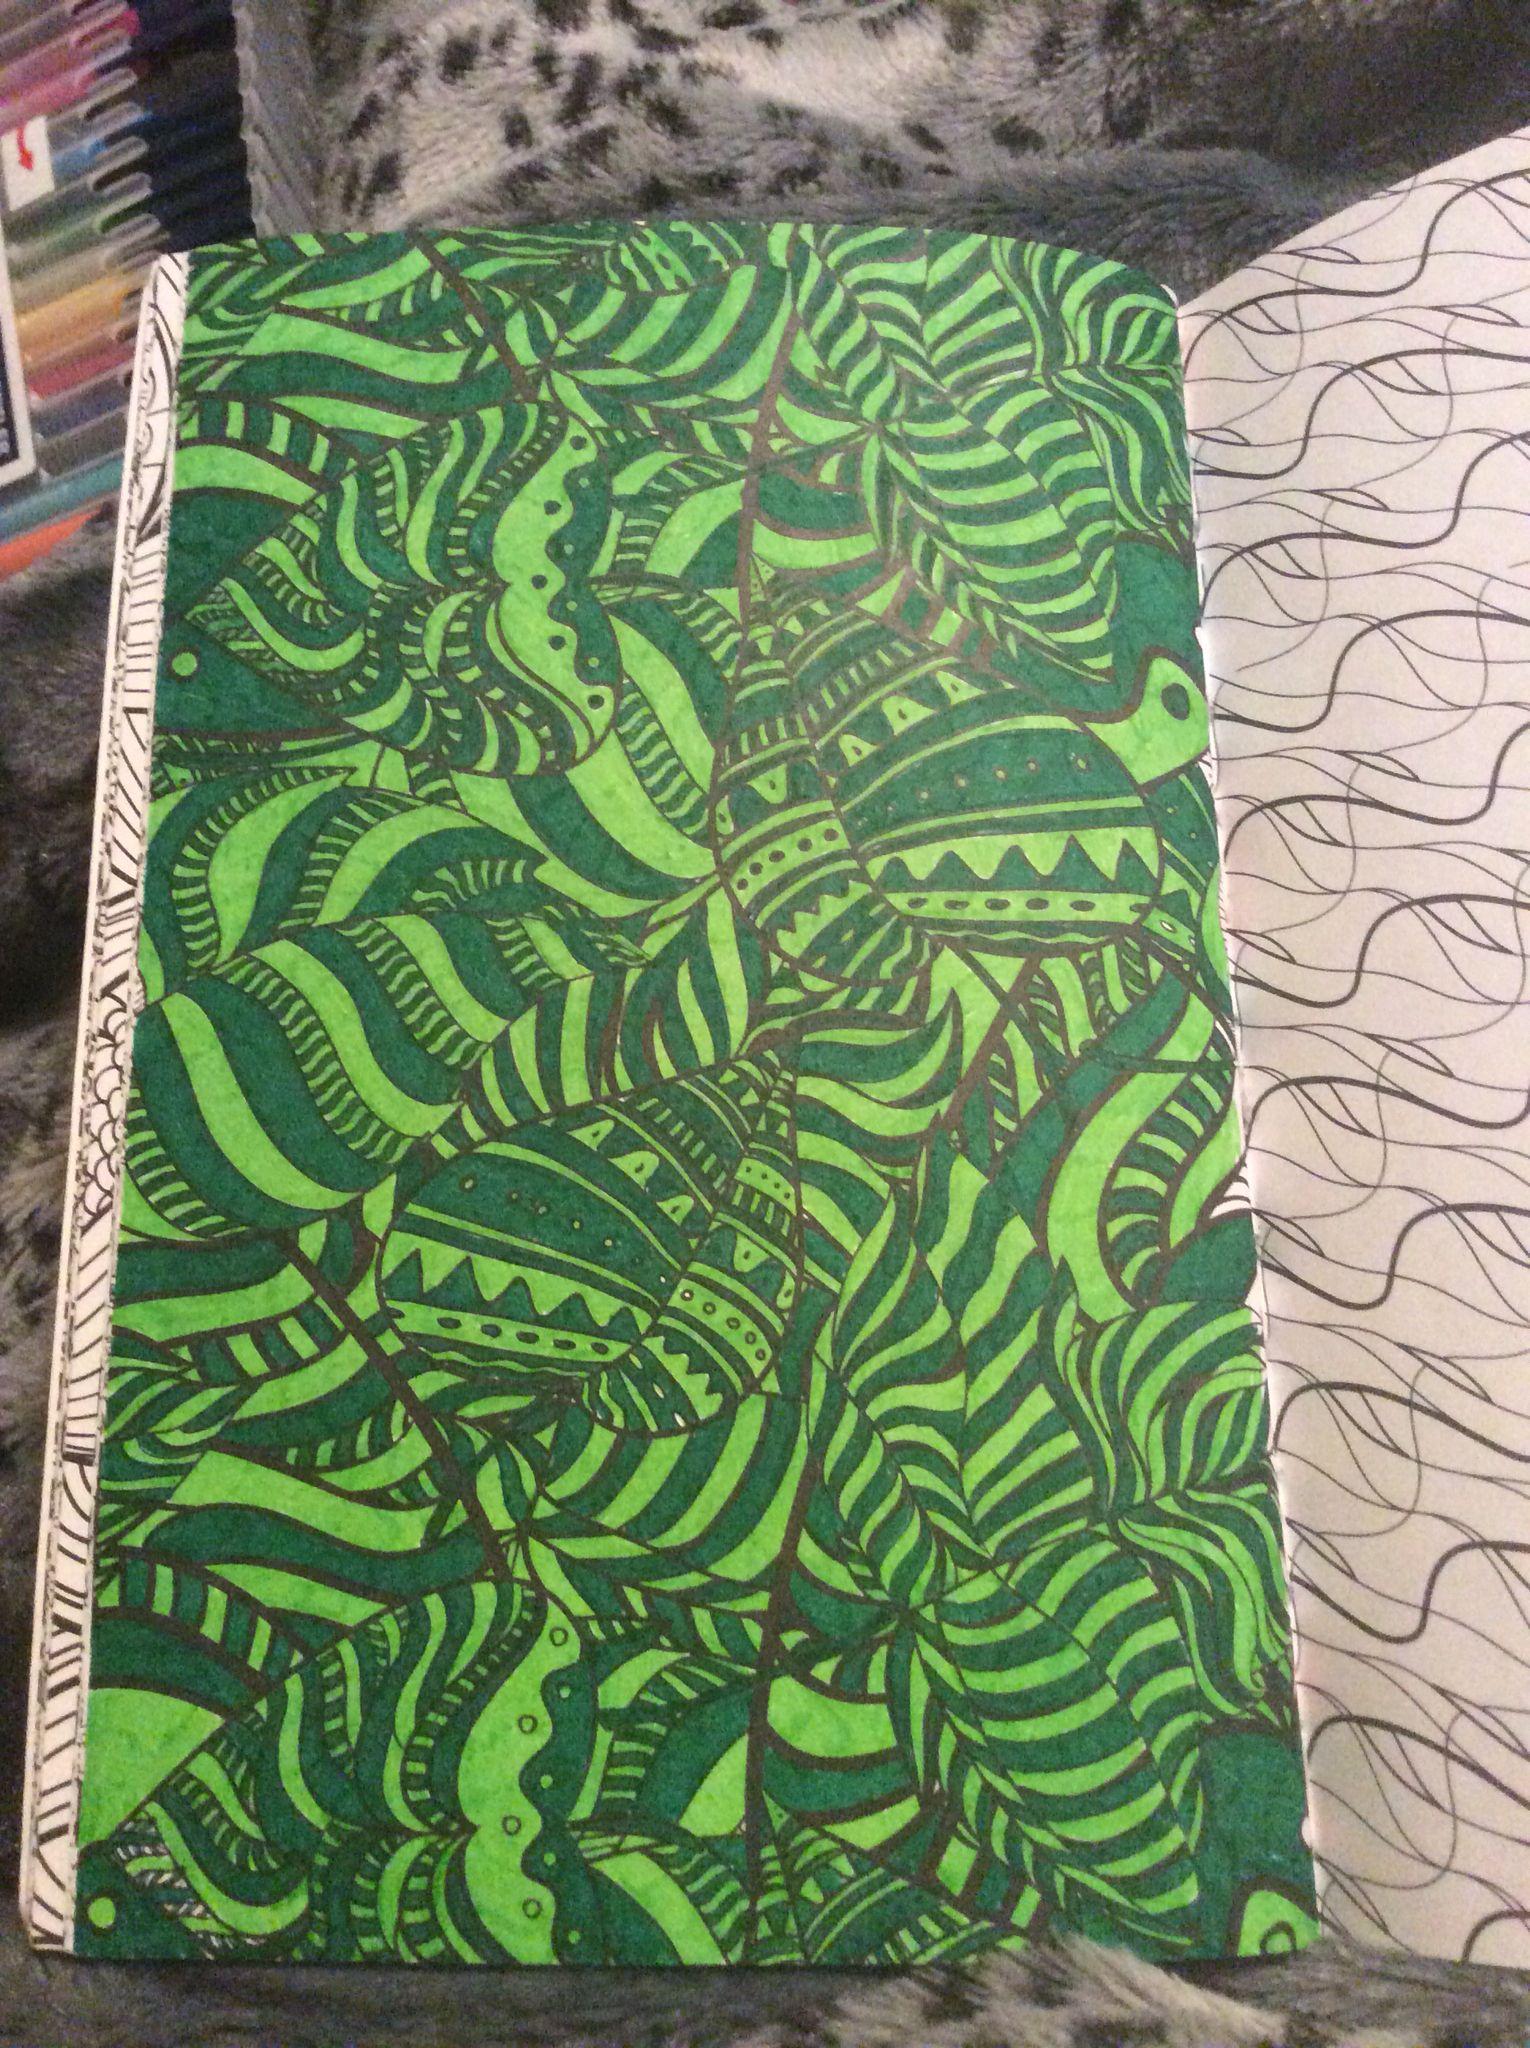 Kleurplaat Uit Het Derde Enige Echte Kleurboek Voor Volwassenen Door Aurelie Coloring Books Colorful Space Coloring Pages